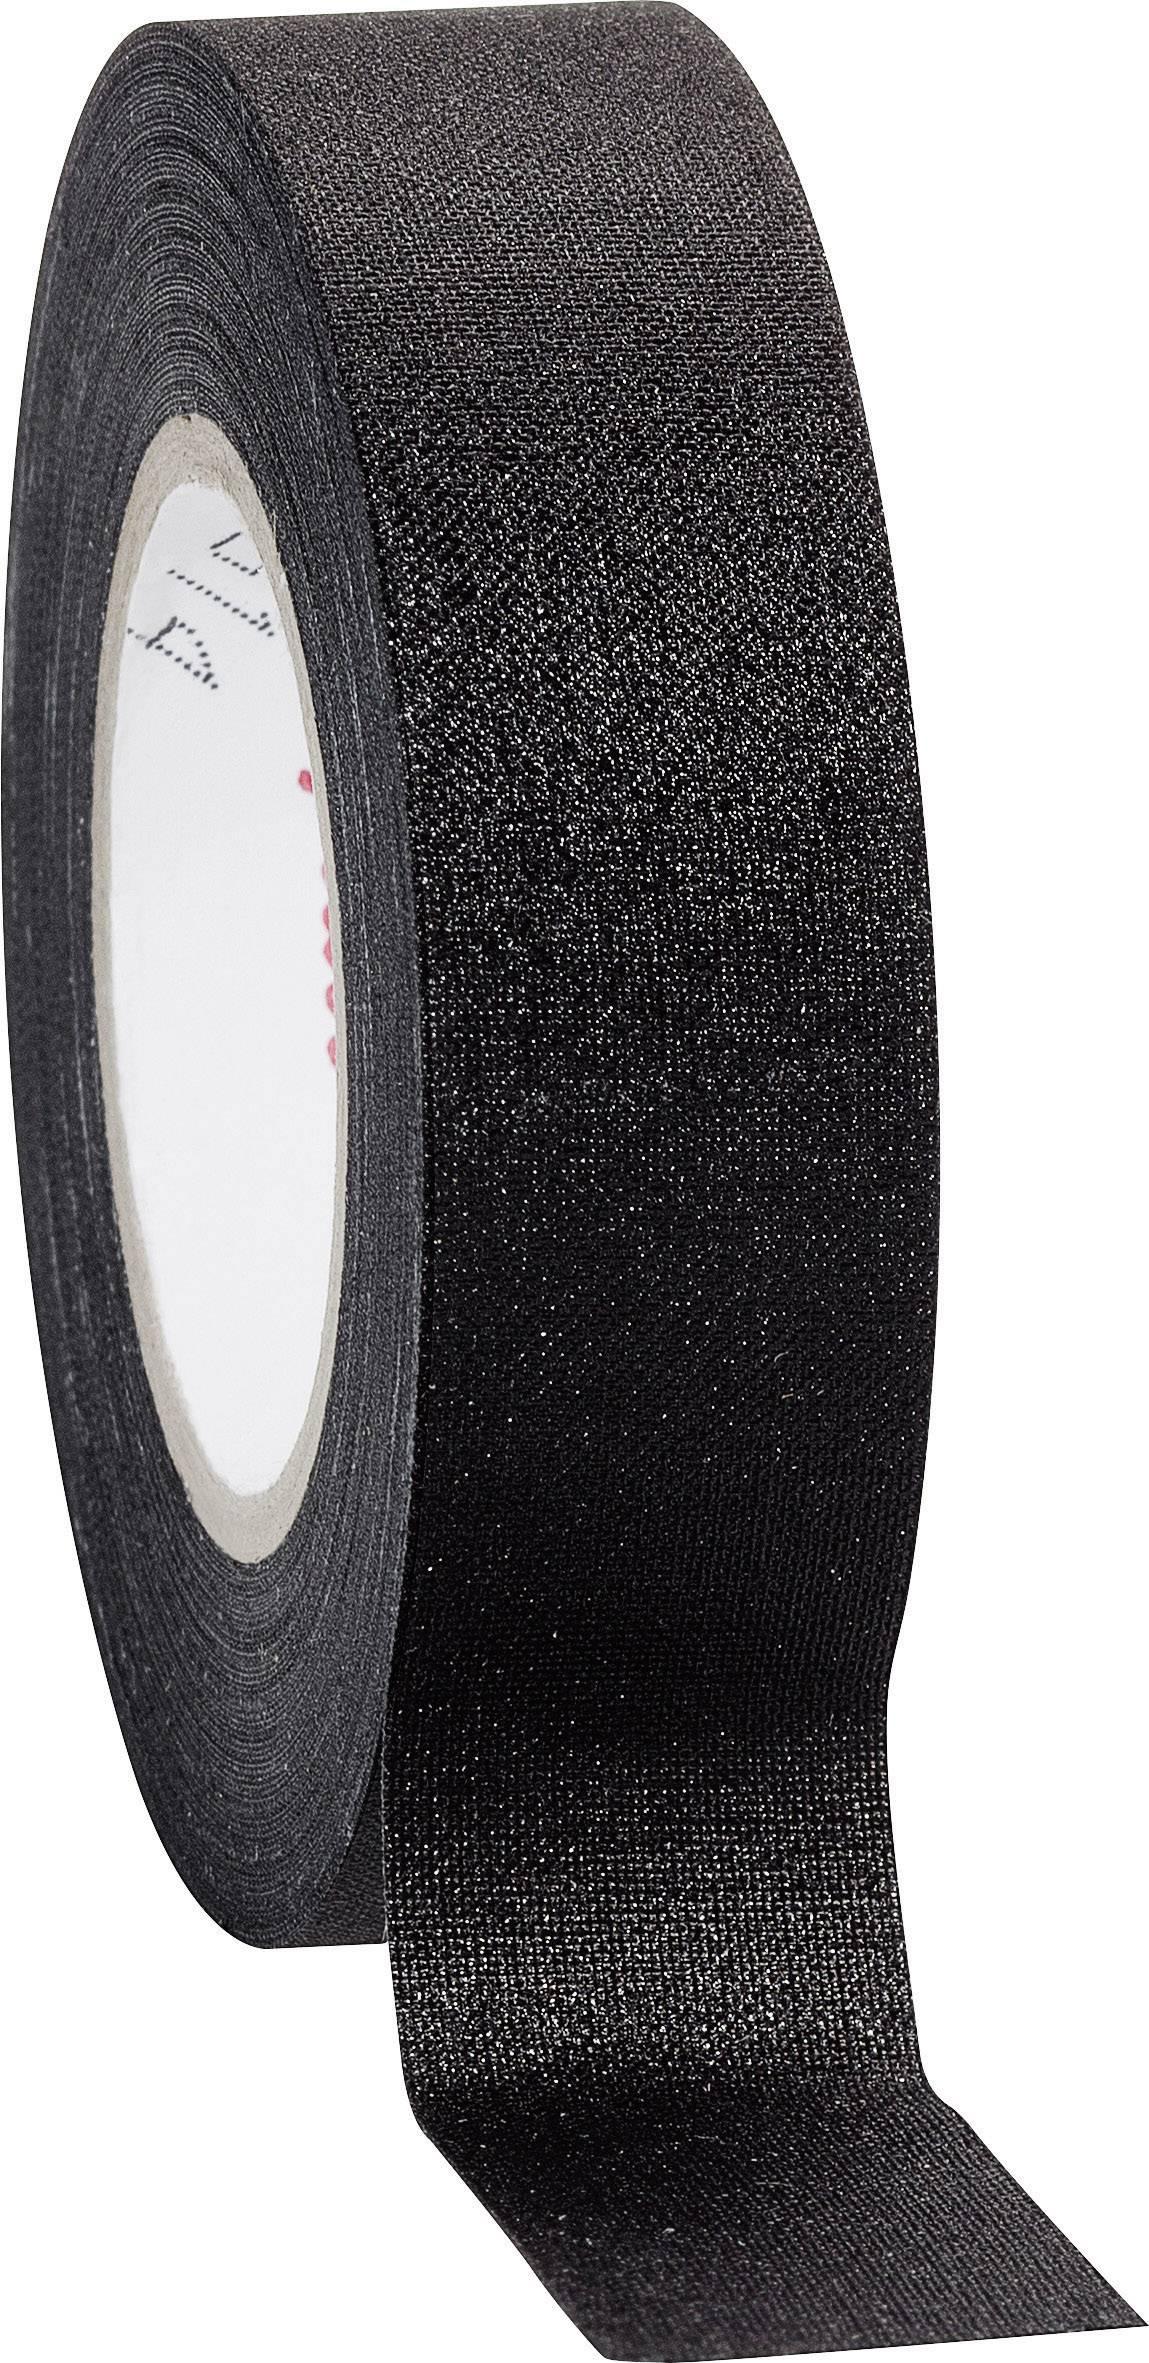 Textilní lepící páska Coroplast, 16781, 10 m x 19 mm, černá